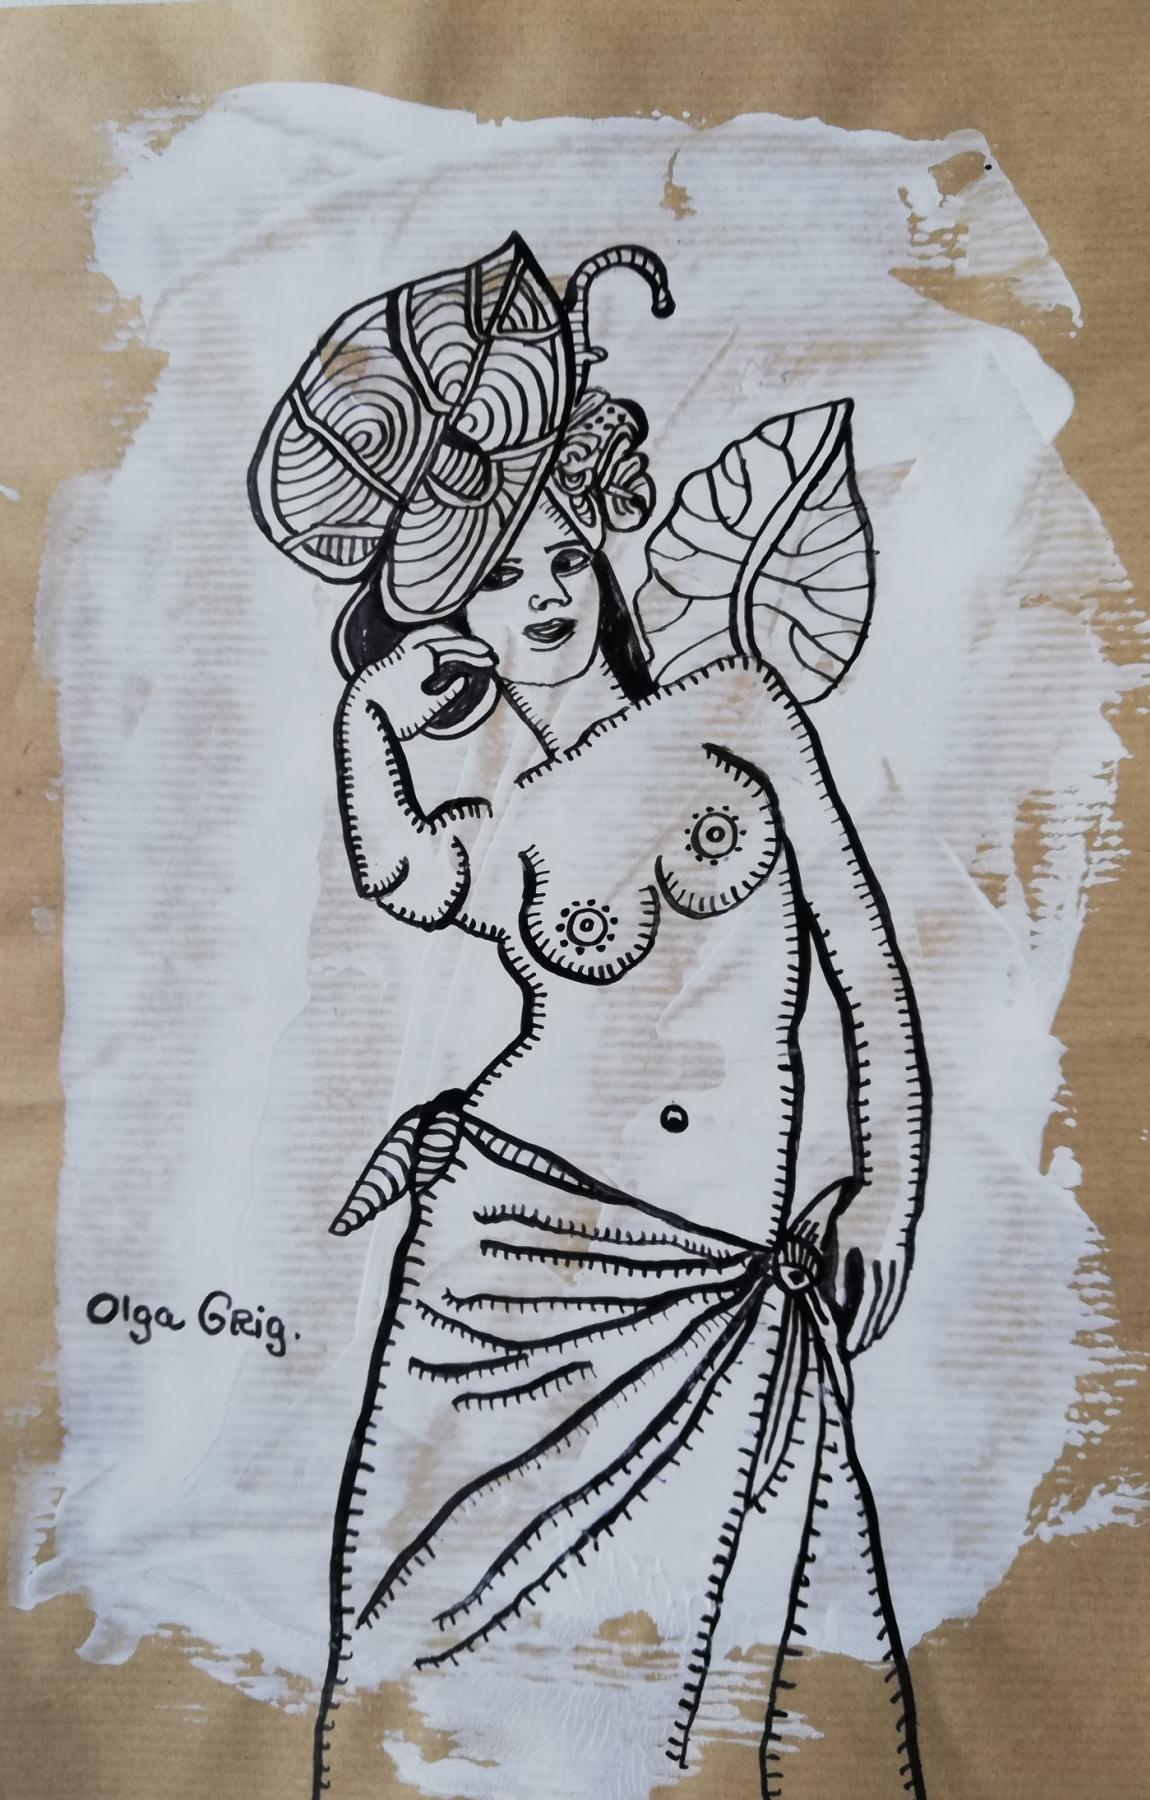 Olga Grig. Dance